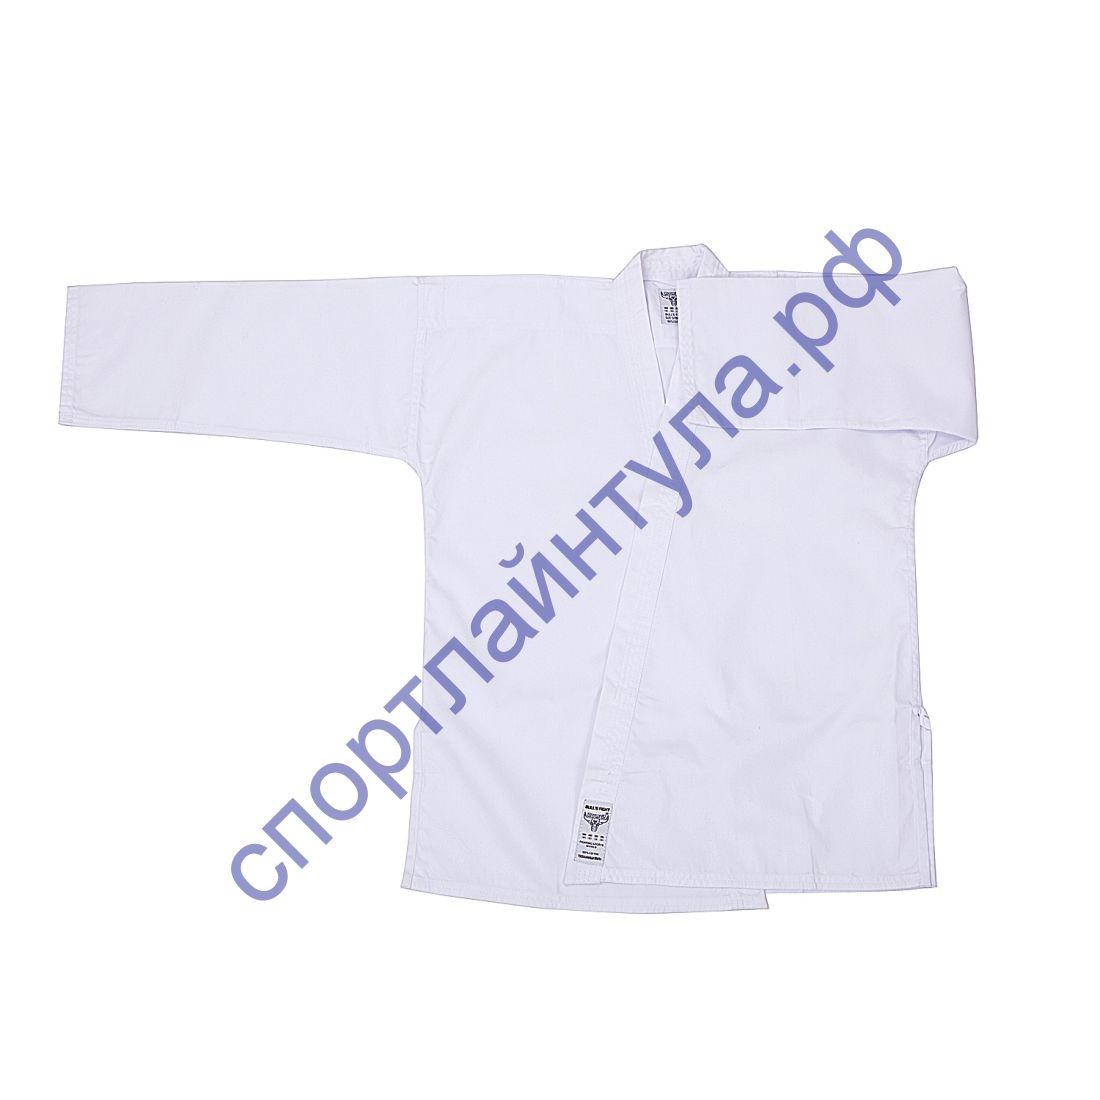 Кимоно для каратэ KKR-1 (RKU 282) 180см